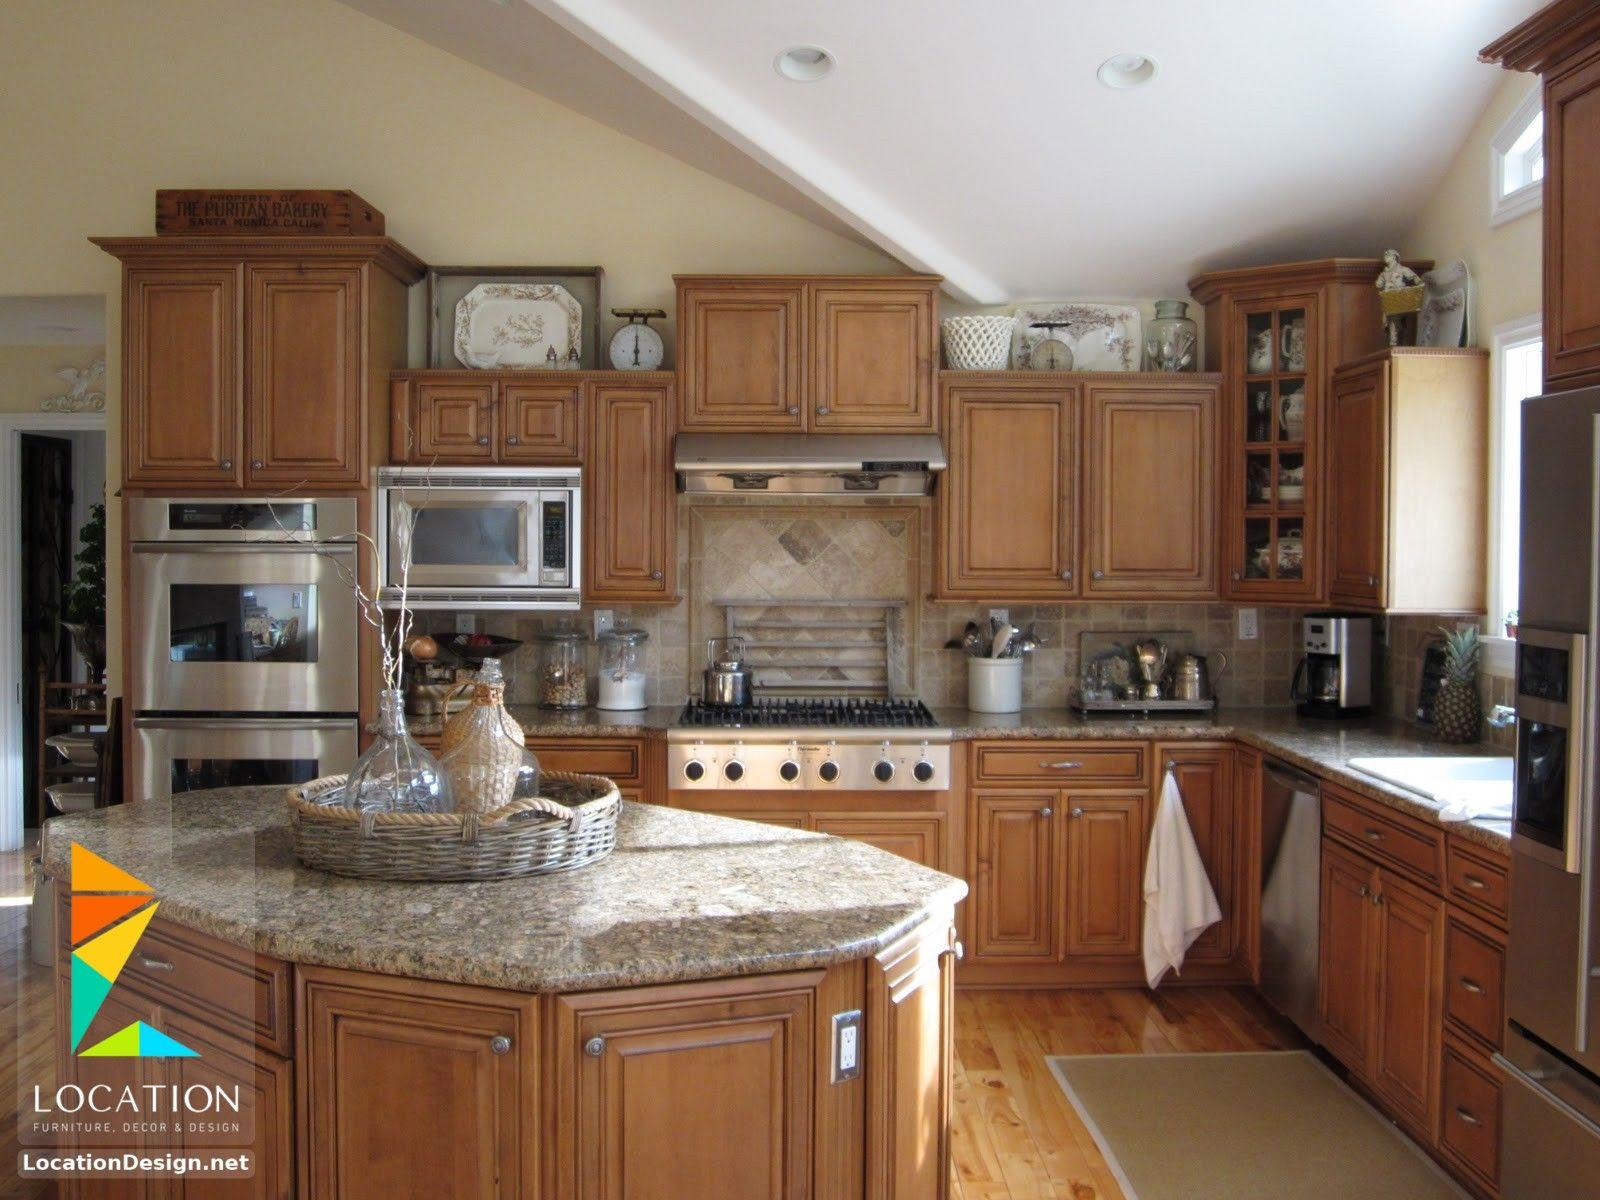 كتالوج صور مطابخ حديثة مطابخ مودرن مطابخ ريفية بسيطة لوكشين ديزين نت Kitchen Craft Cabinets Kitchen Cabinets Decor Country Kitchen Cabinets